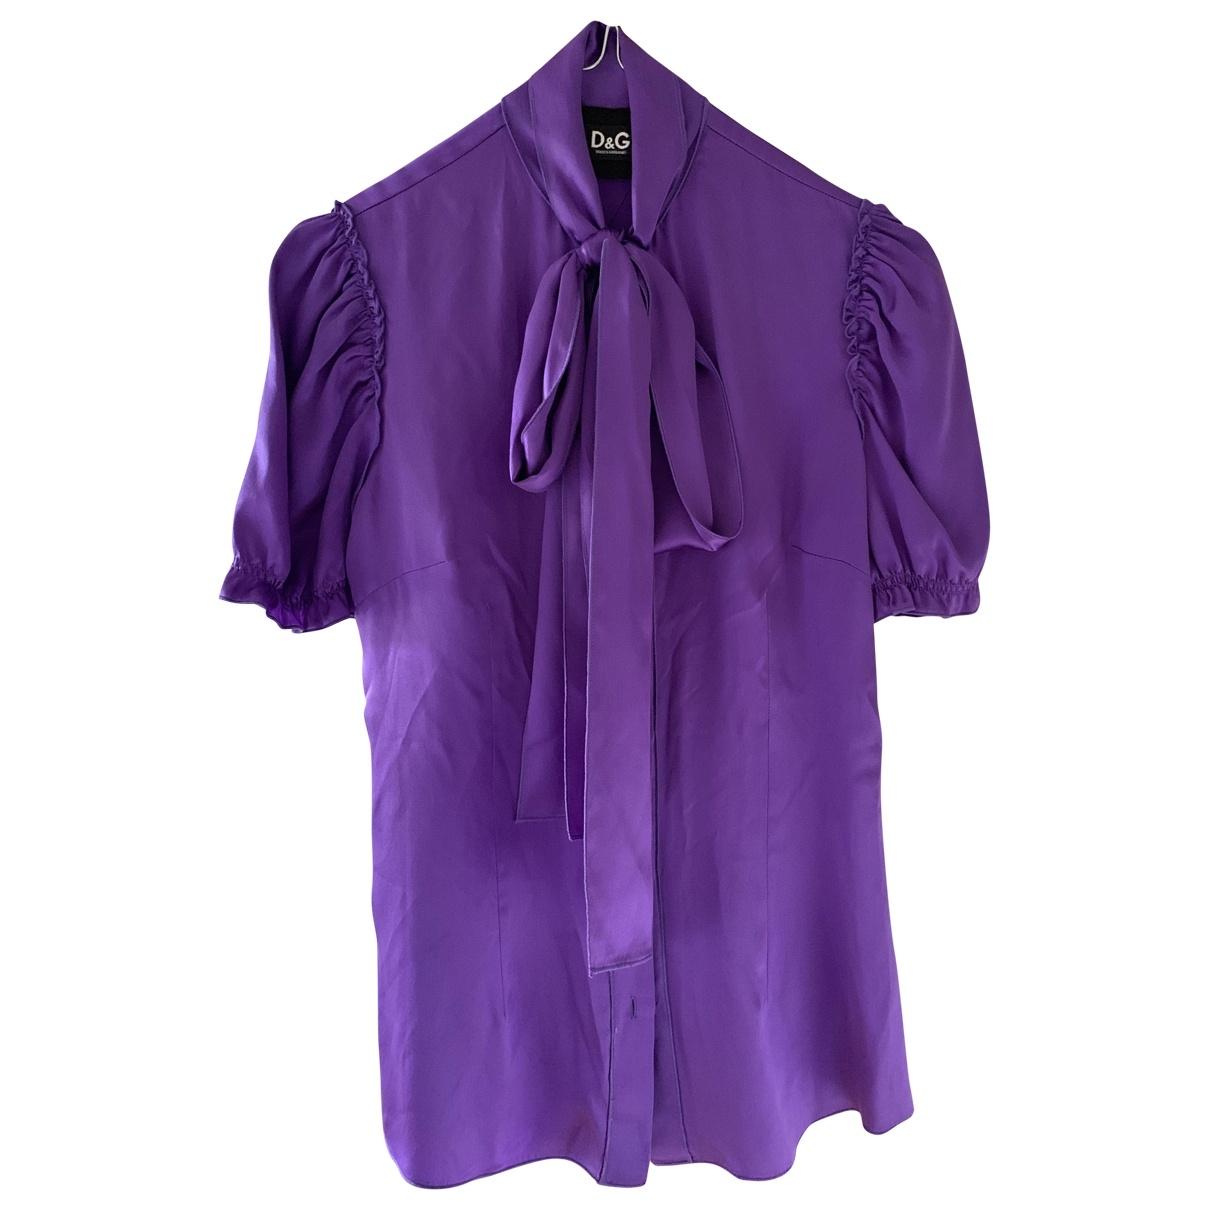 D&g - Blouson   pour femme en soie - violet